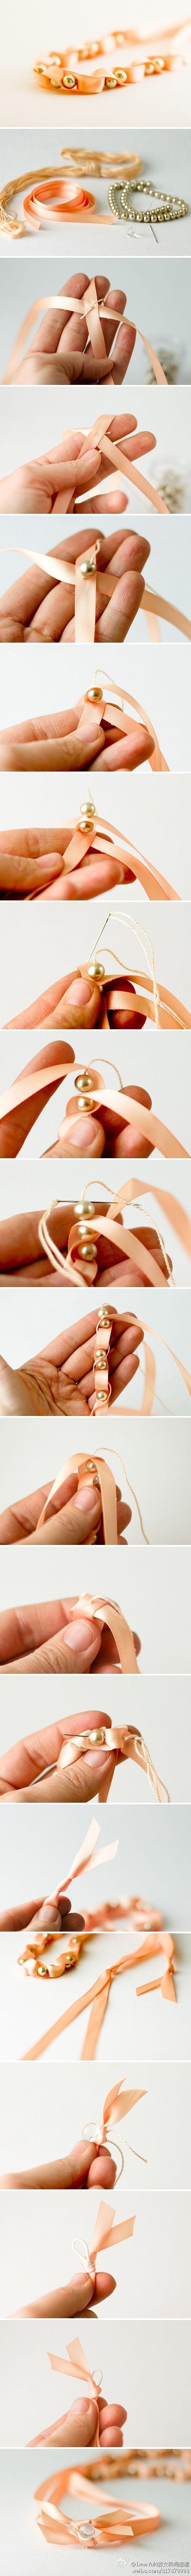 DIY #diy #crafts www.BlueRainbowDesign.com